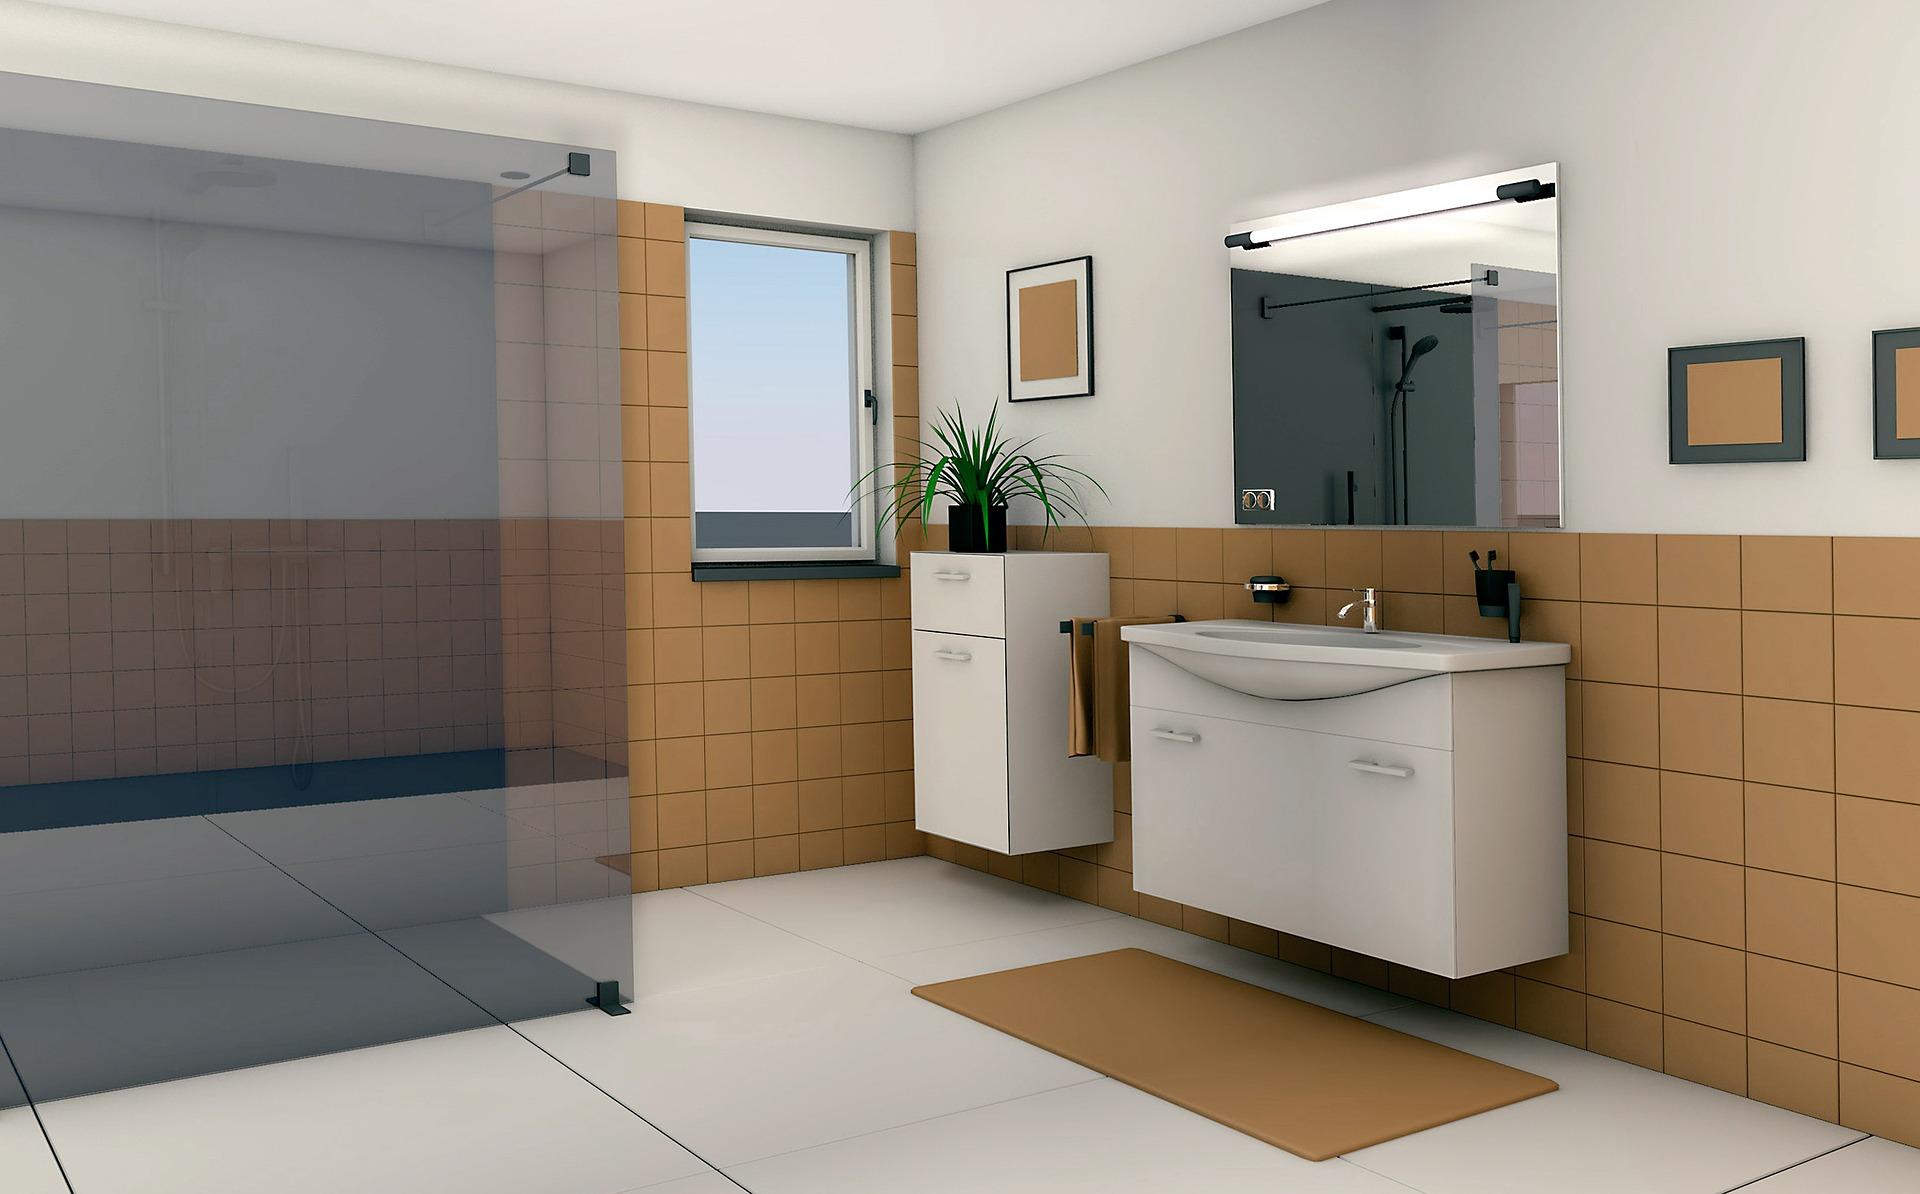 Małe łazienki Z Oknem Aranżacja